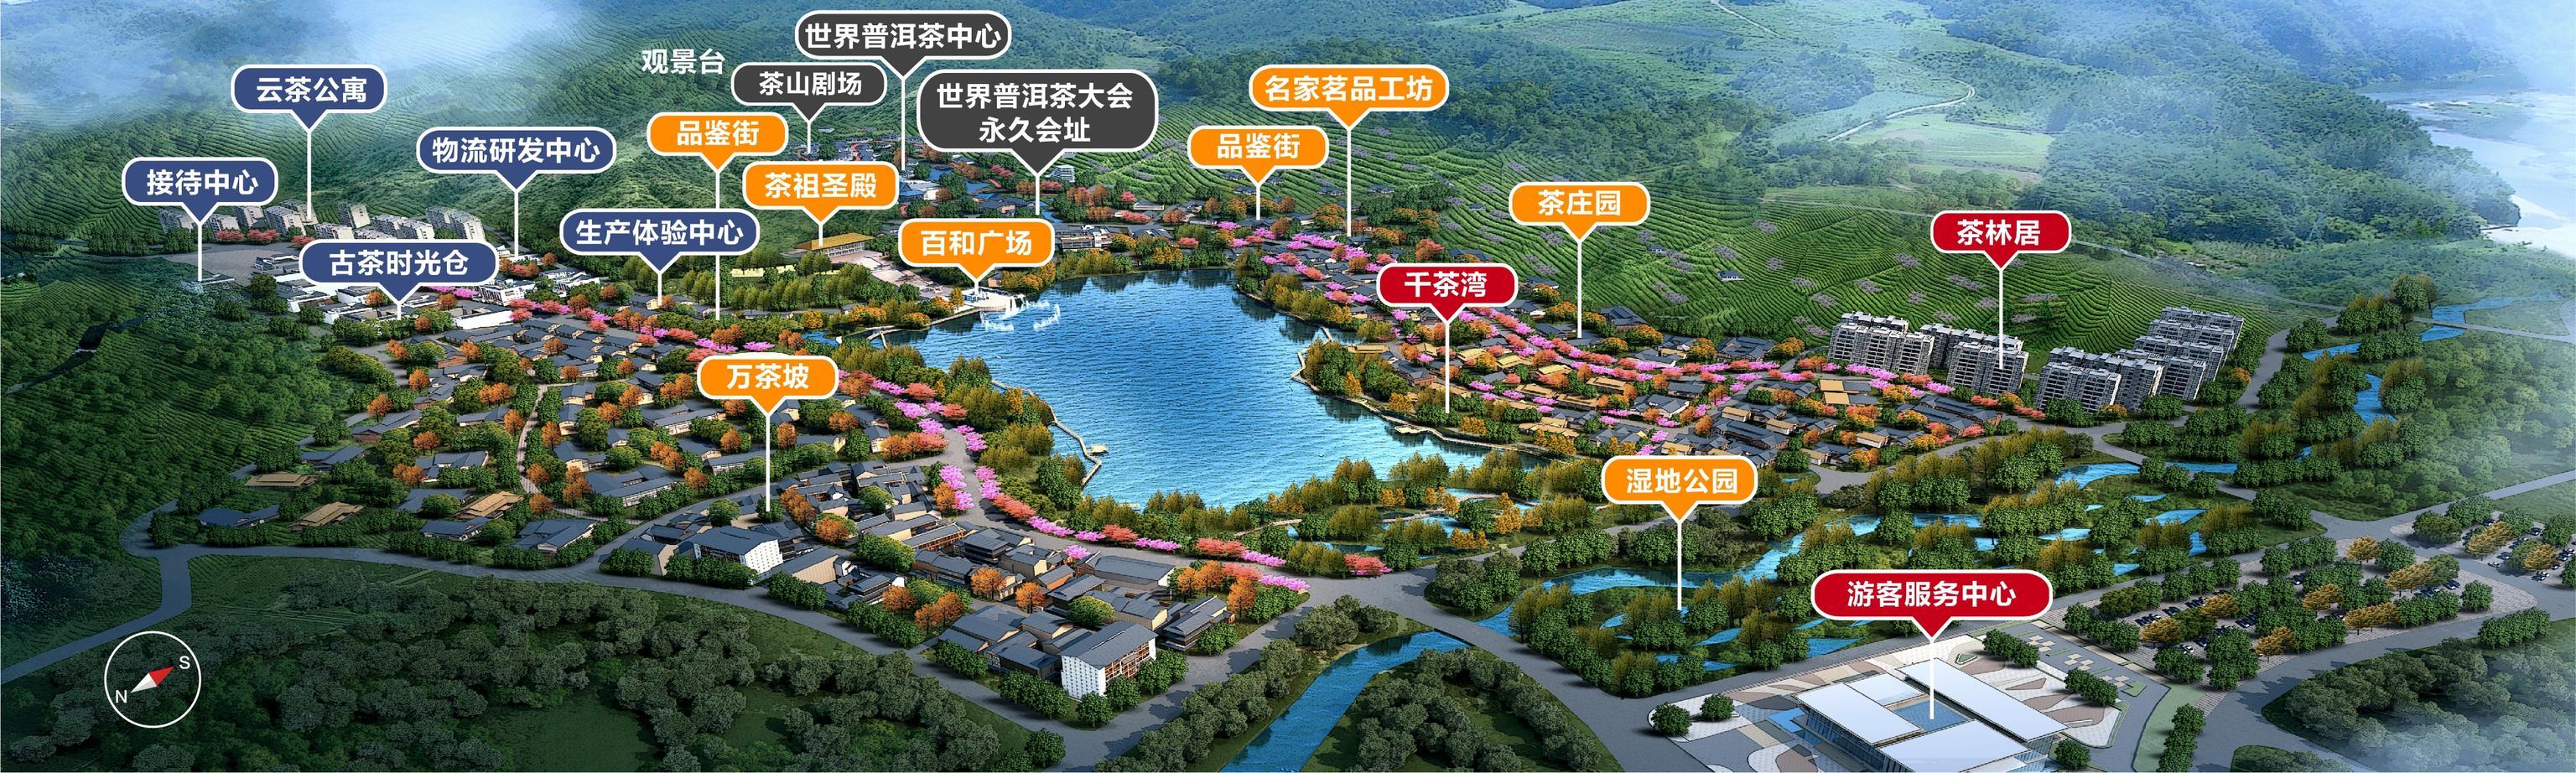 普洱茶小镇:打造融合26个民族的超级文化IP